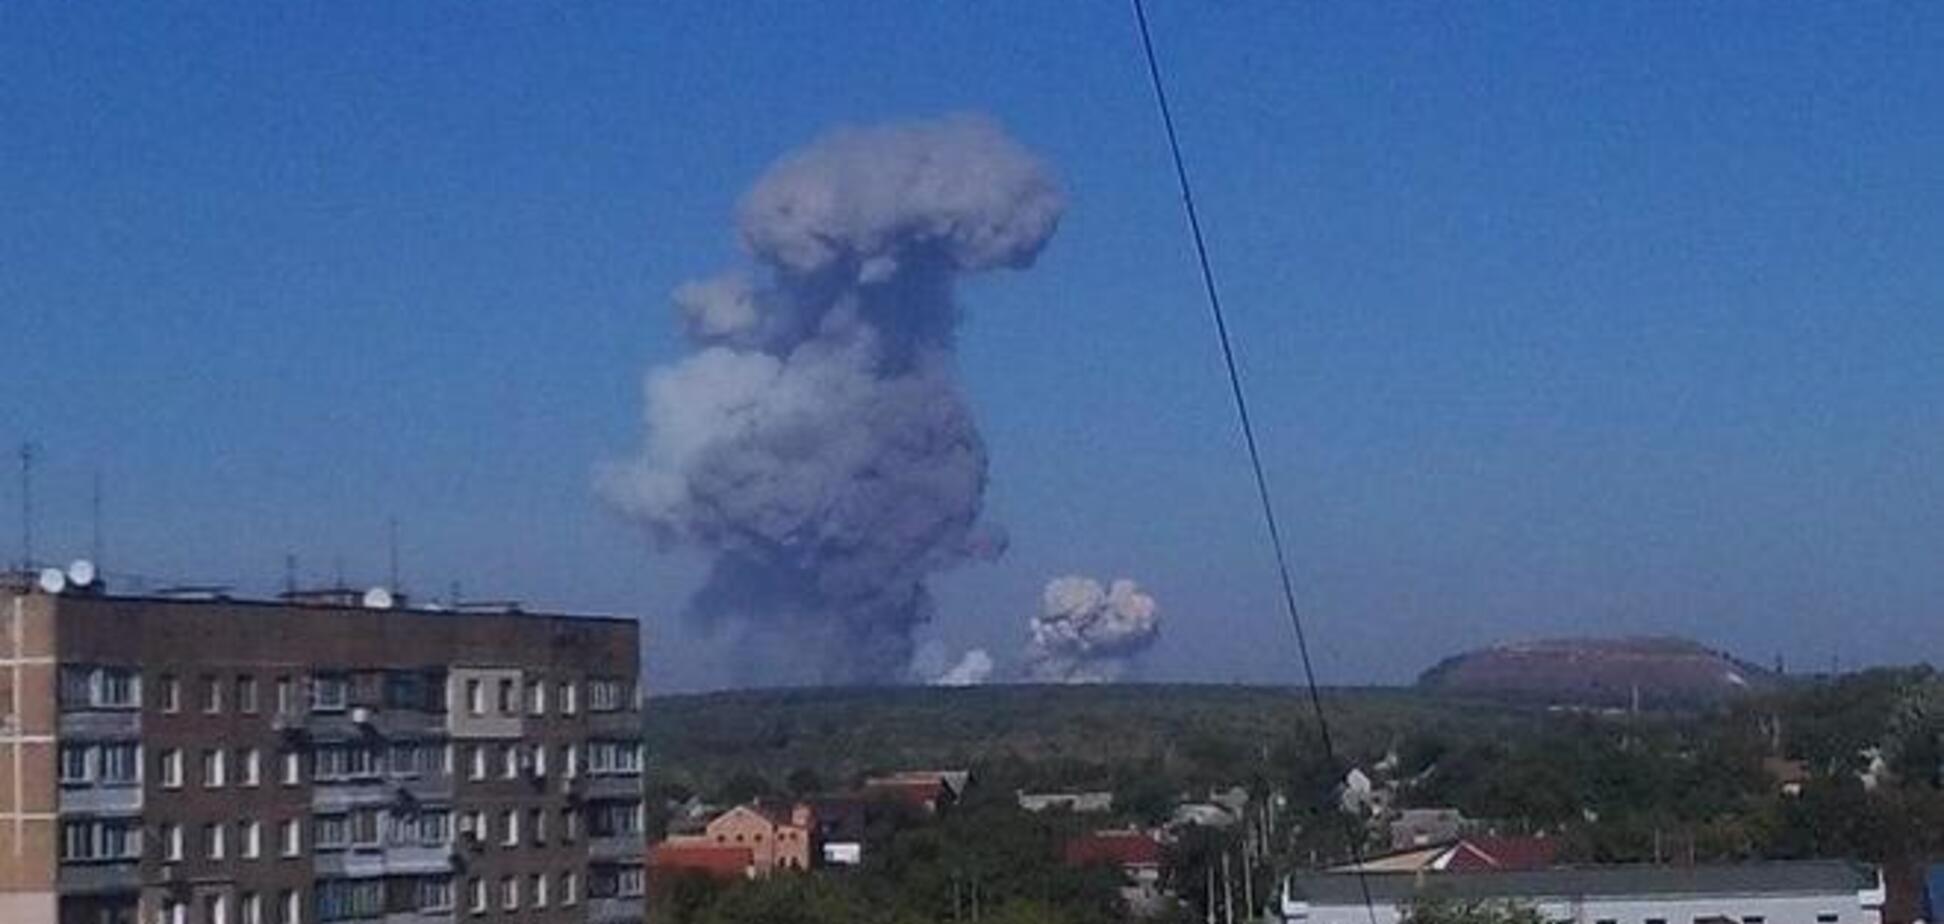 Мощность взрыва на оборонном заводе в Донецке составила 3000 тонн